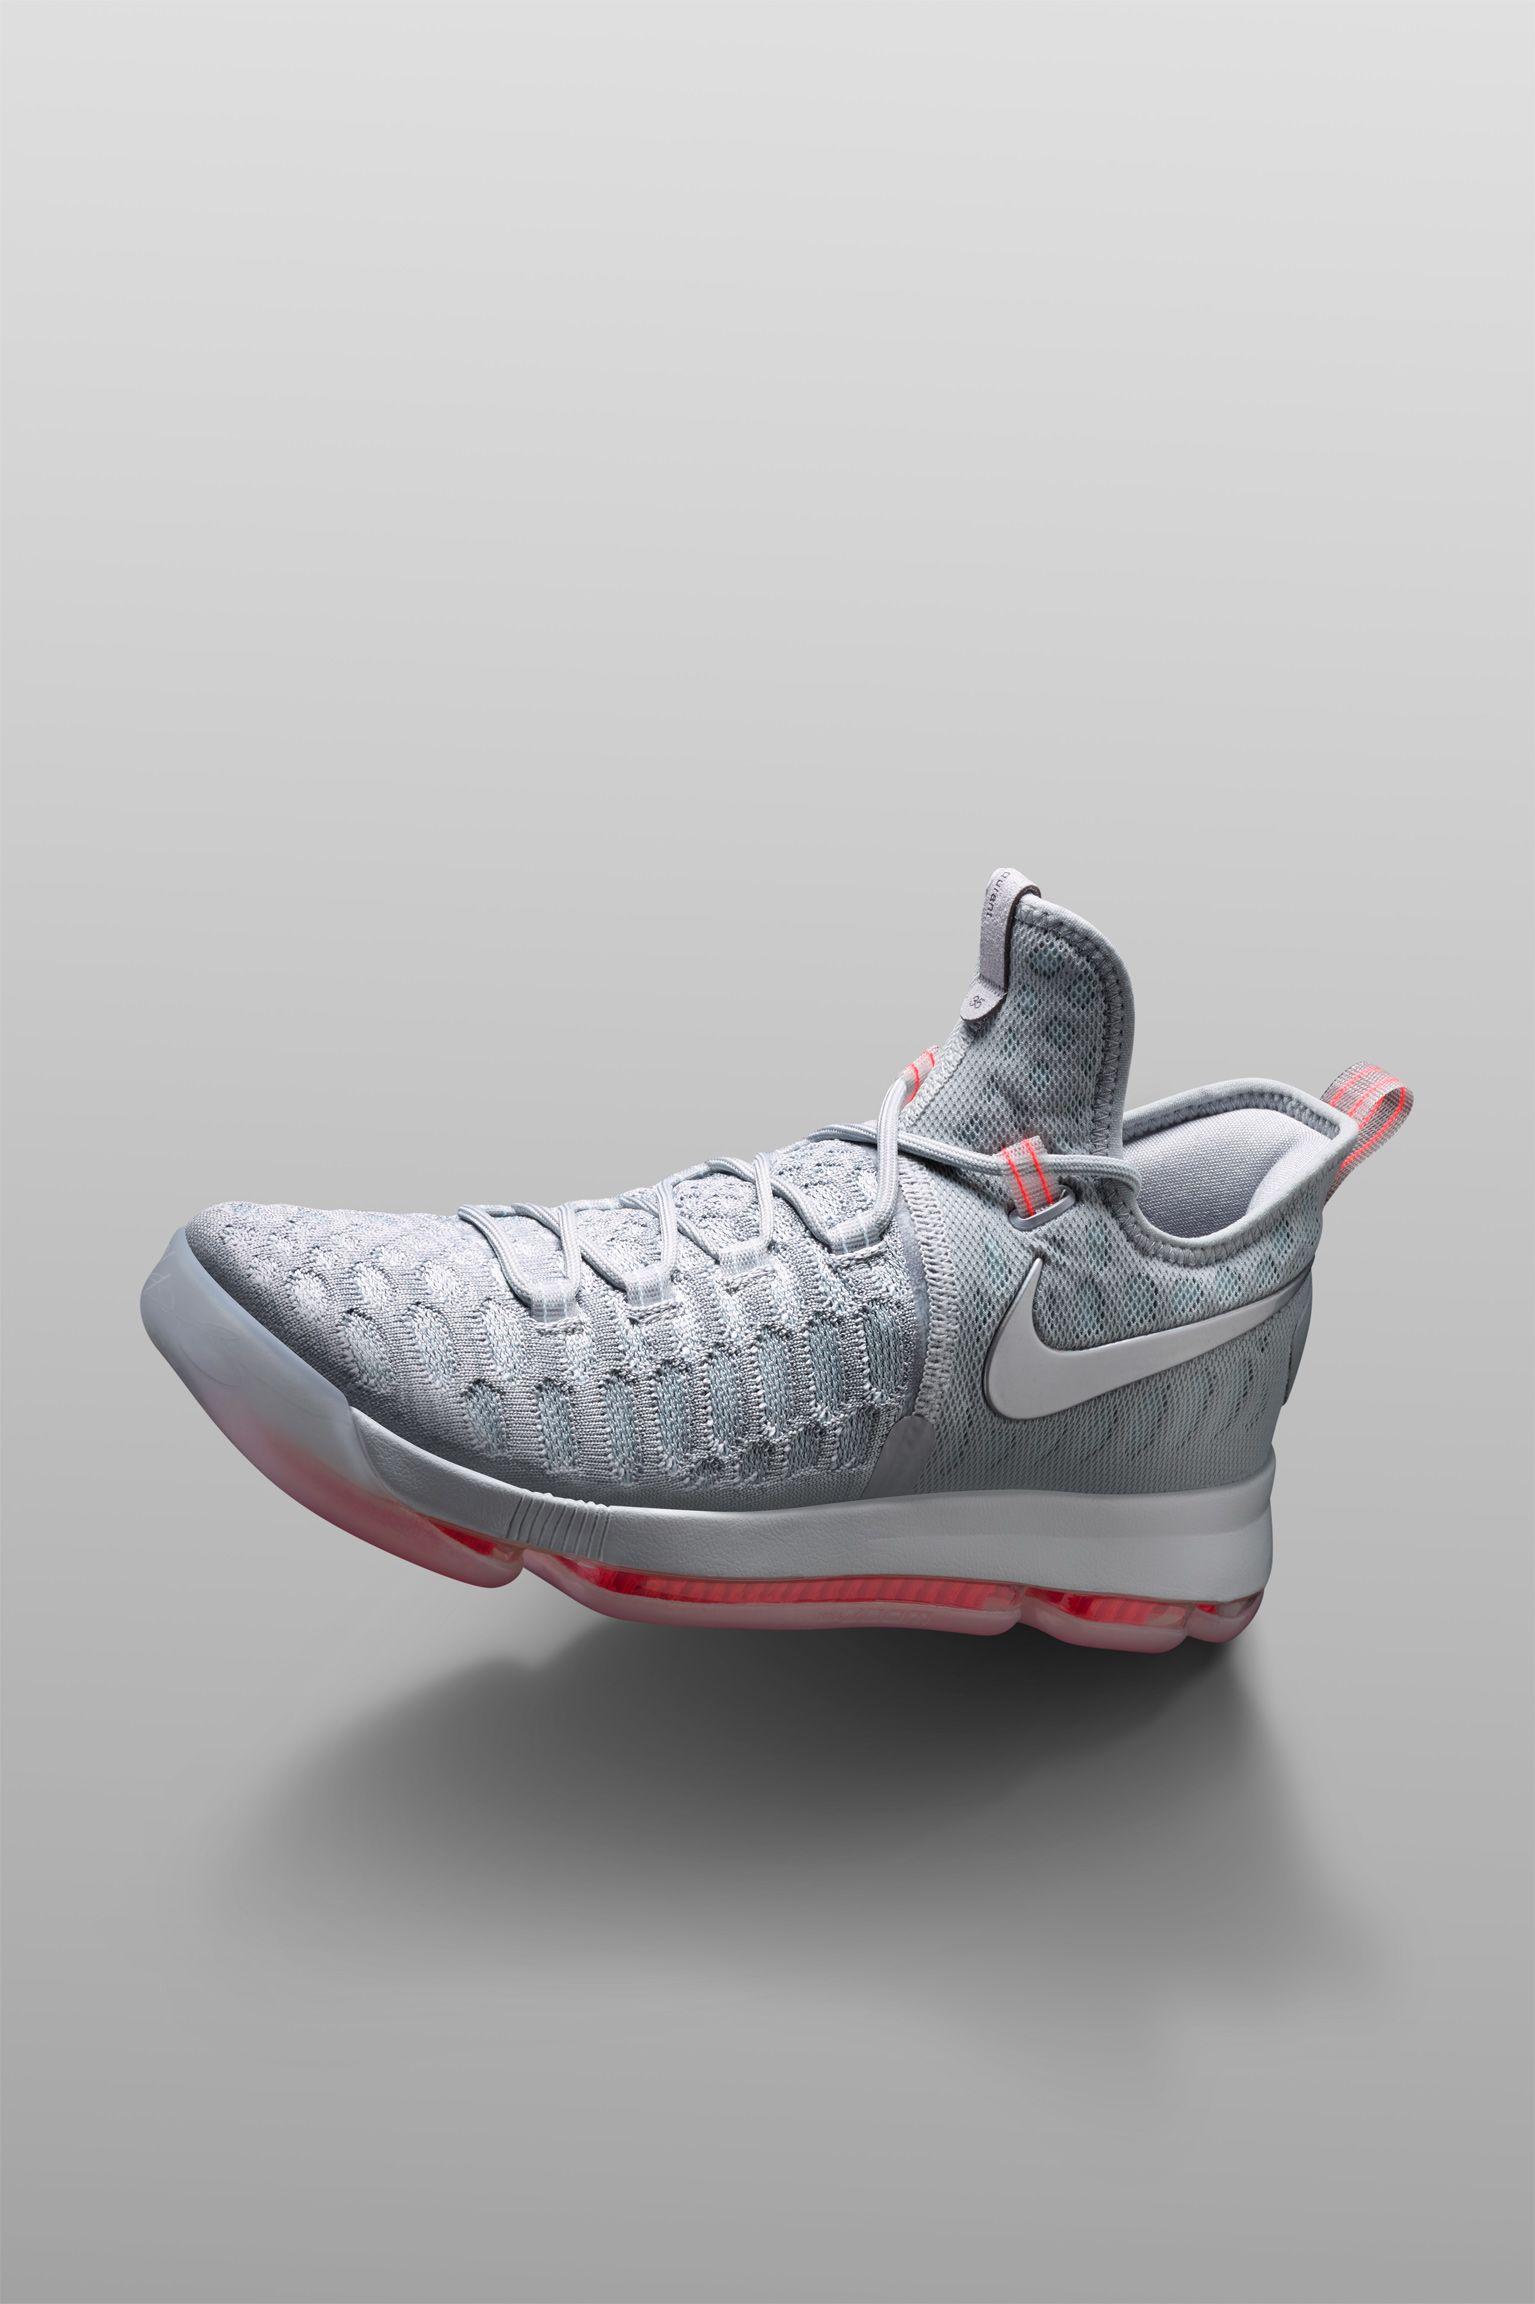 Nike KD 9 'Zero' Release Date